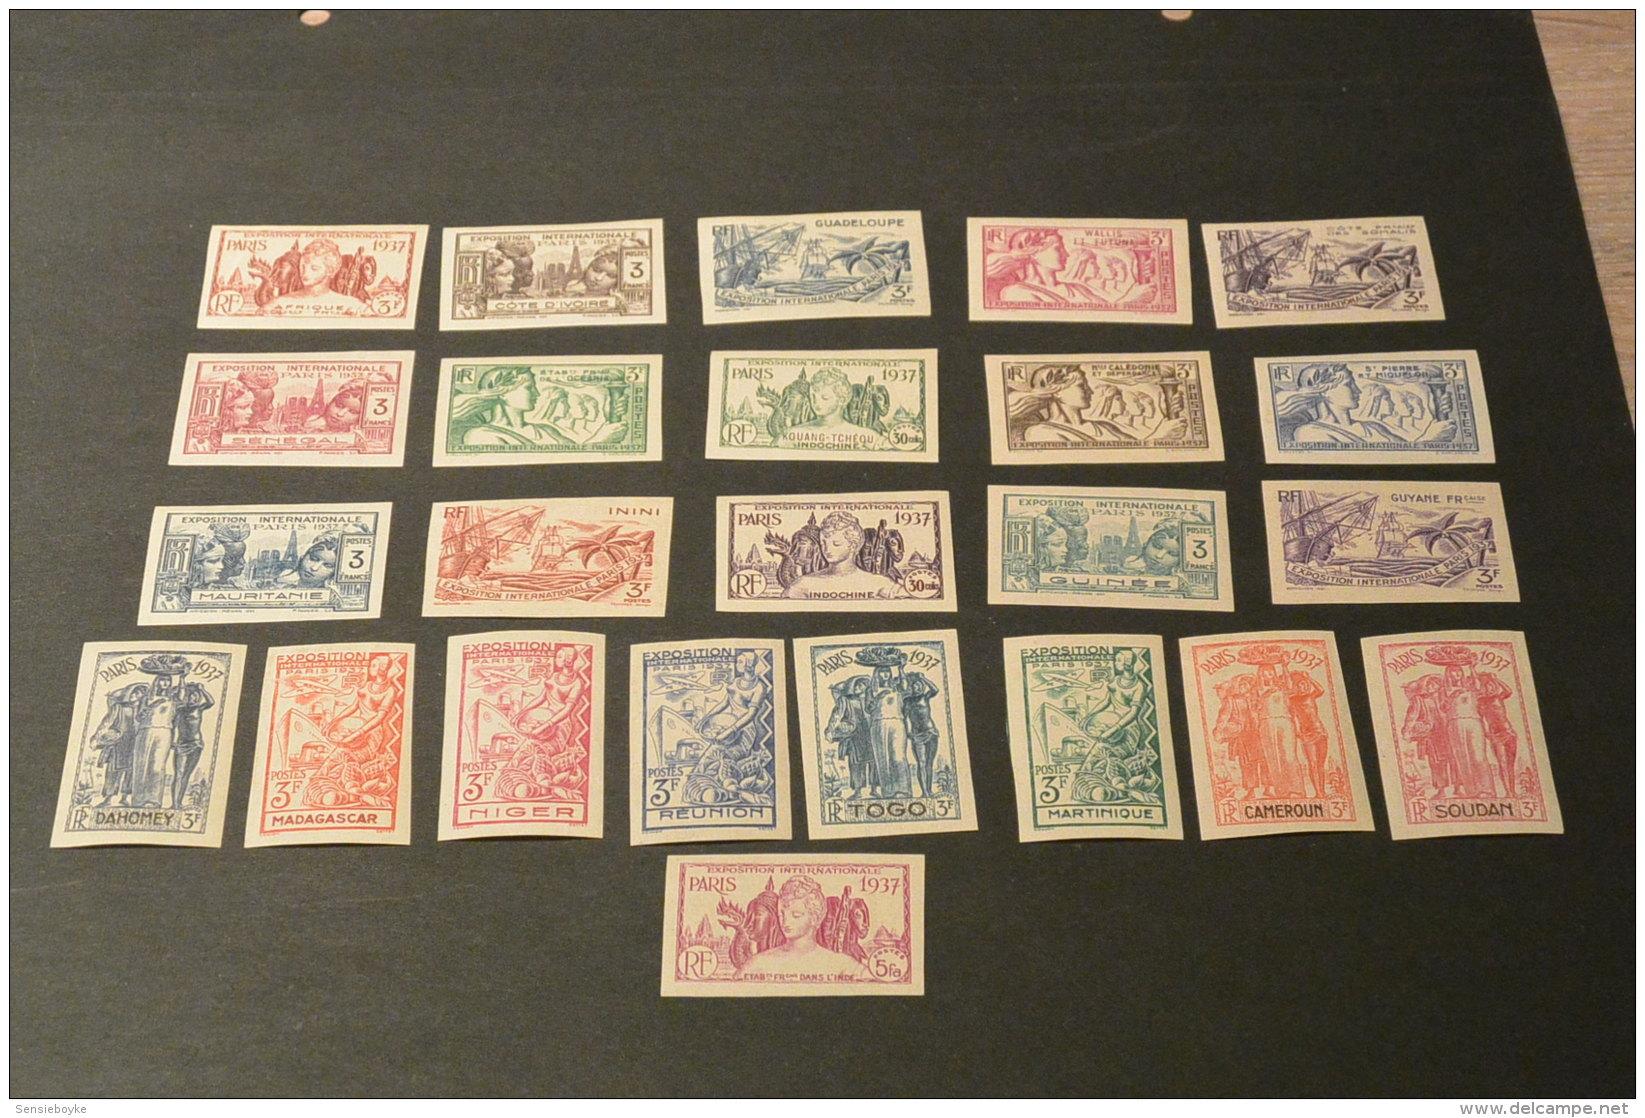 K12842- Set From Blocs -imperf. MNh - Some Gum Disturbaznce -  Exposition Internationale Paris 1937- - 1937 Exposition Internationale De Paris